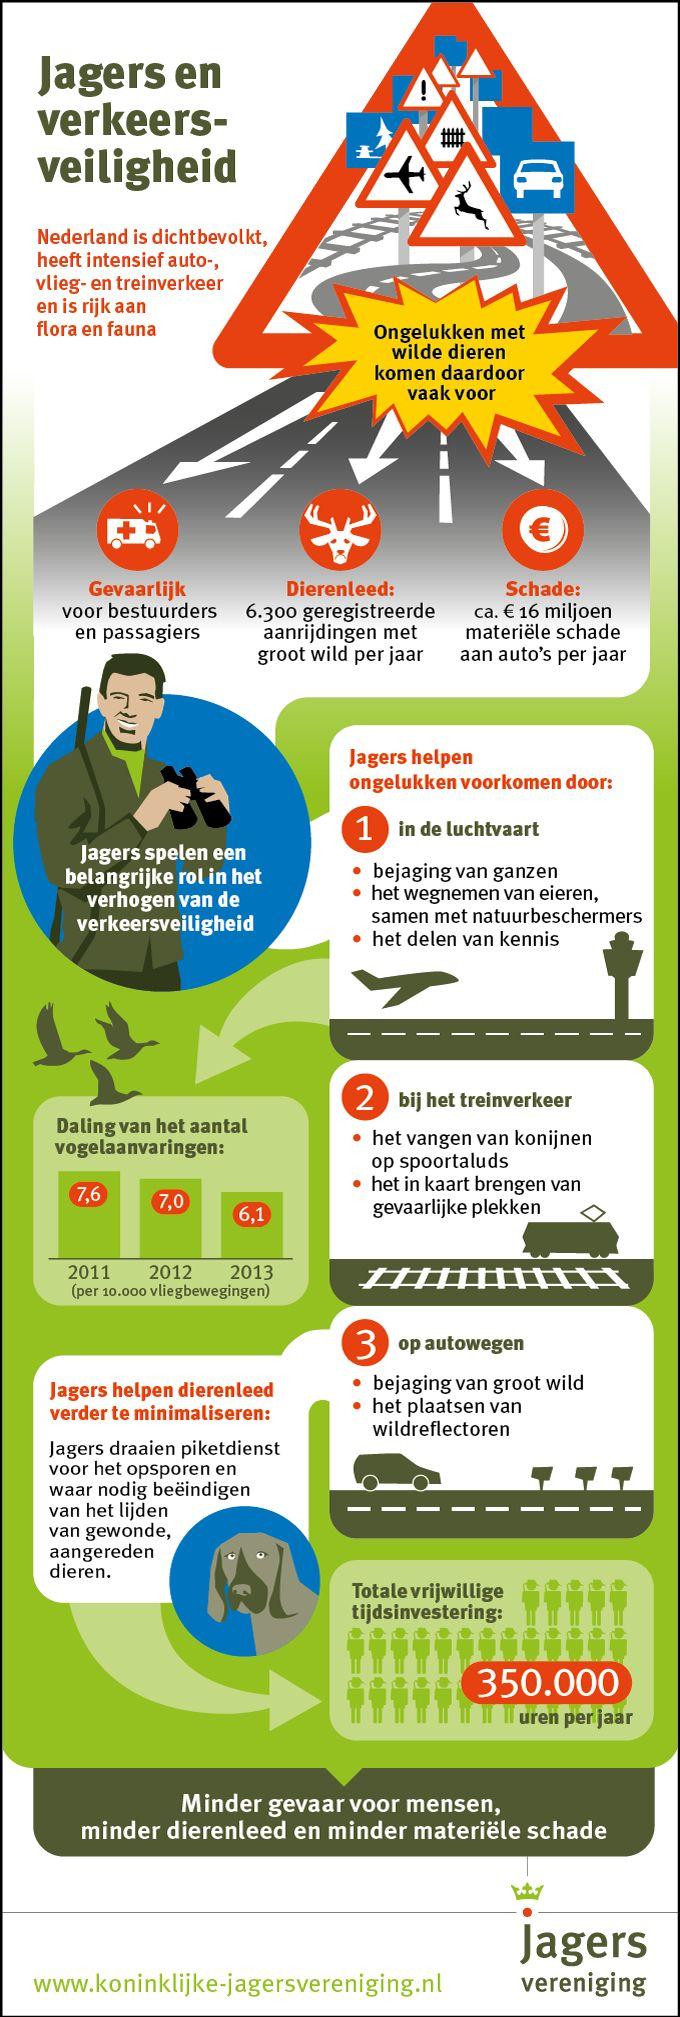 Jagers dragen 350.000 uur op jaarbasis bij aan verkeersveiligheid